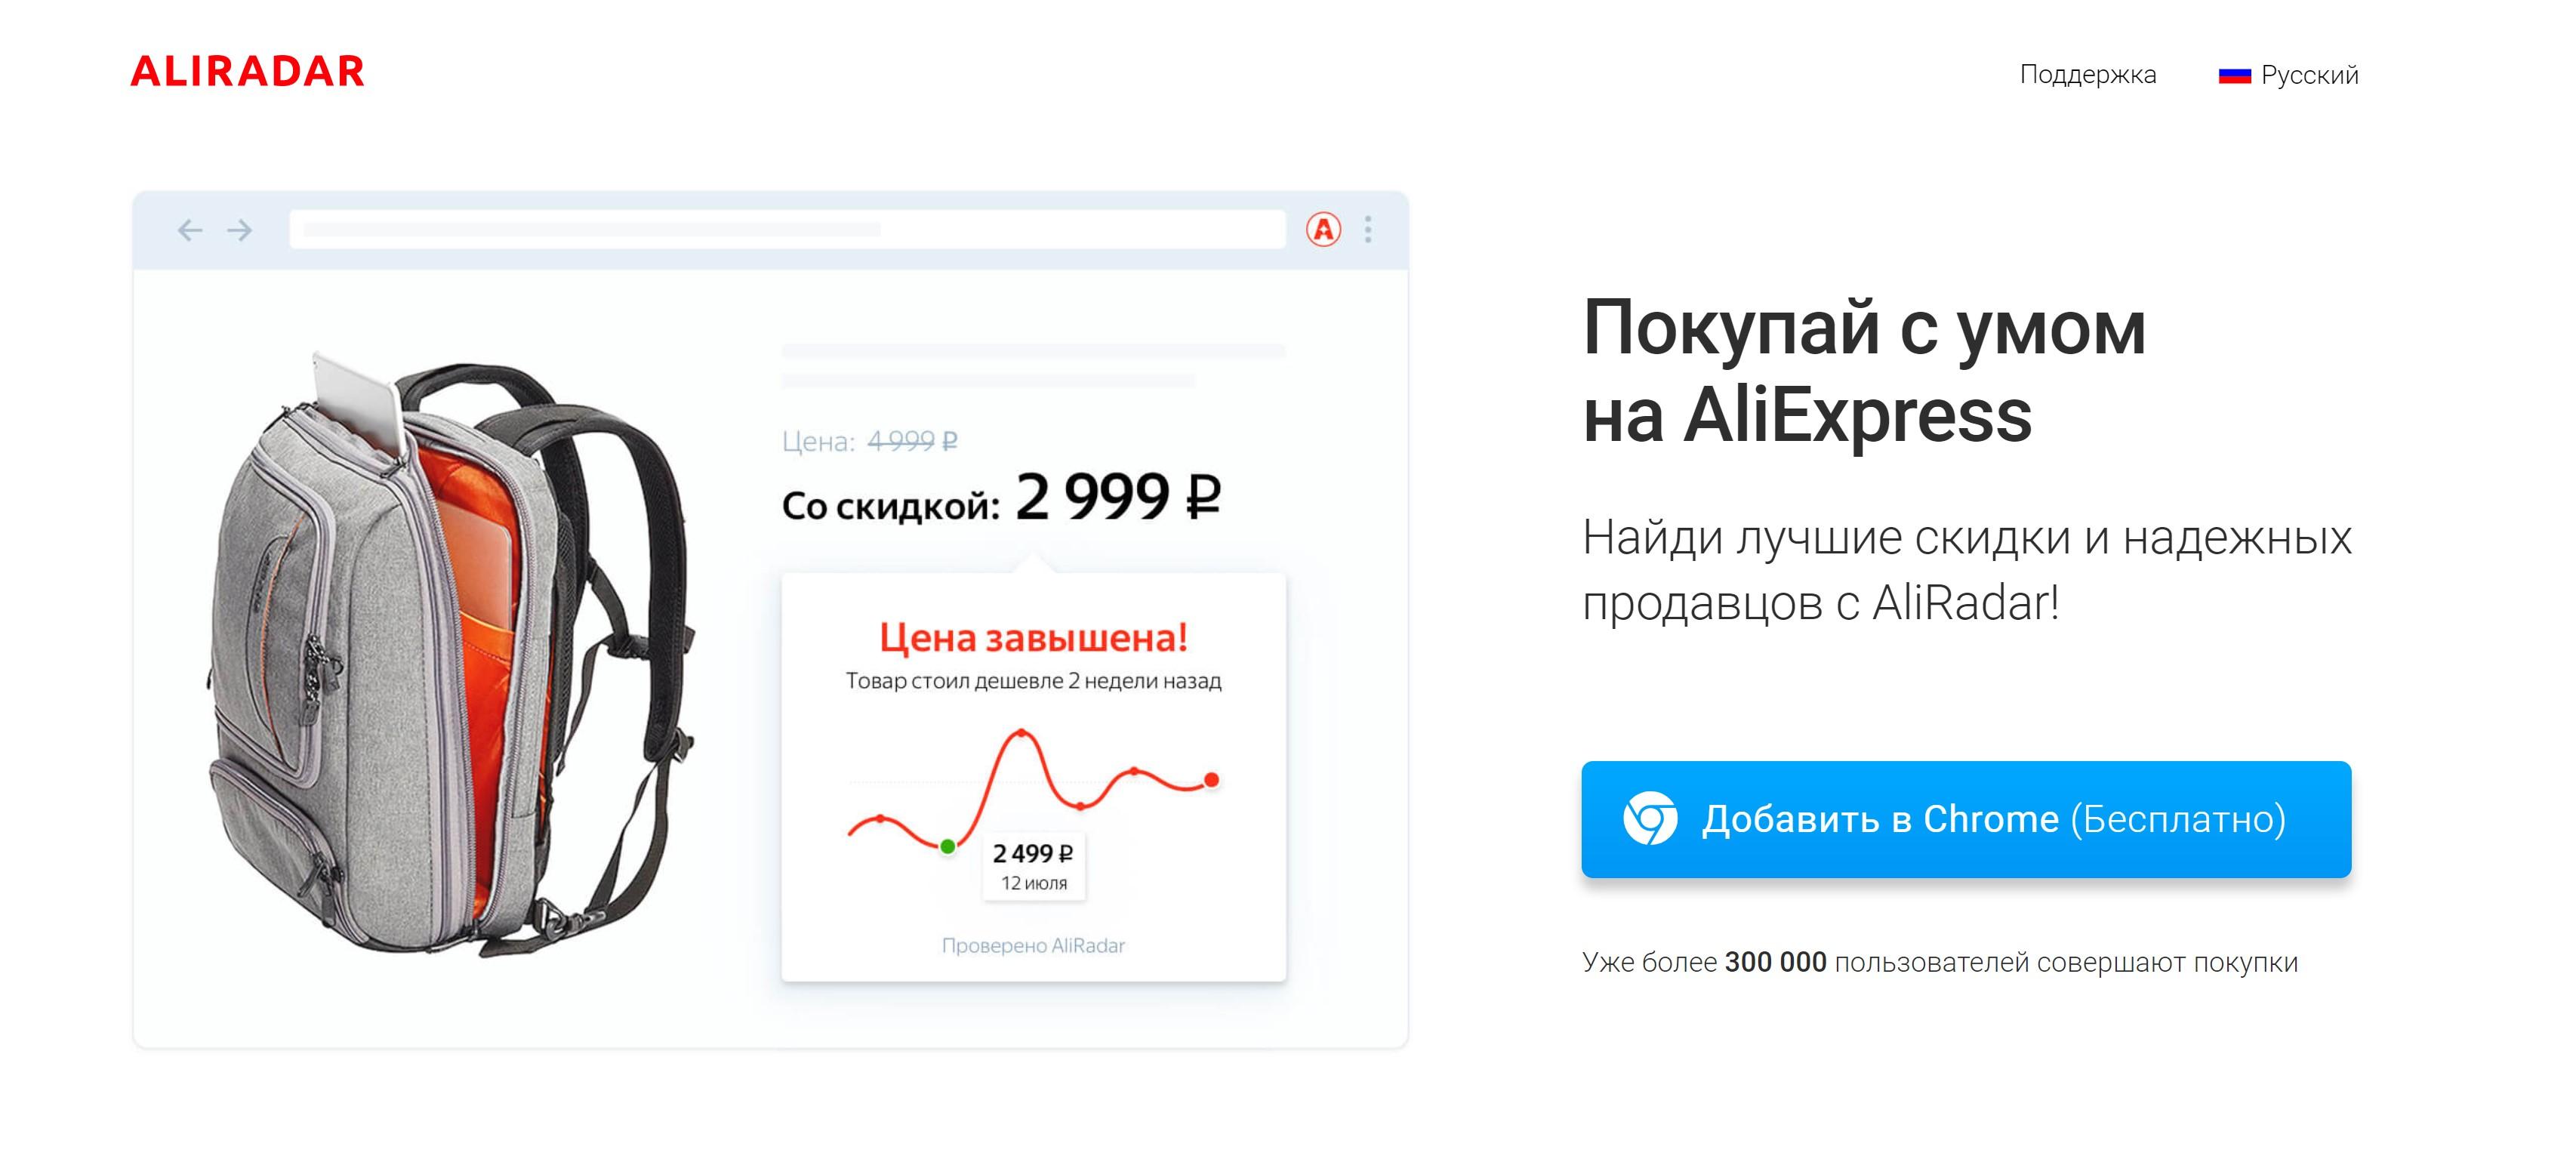 алиэкспресс на русском поиск по фото